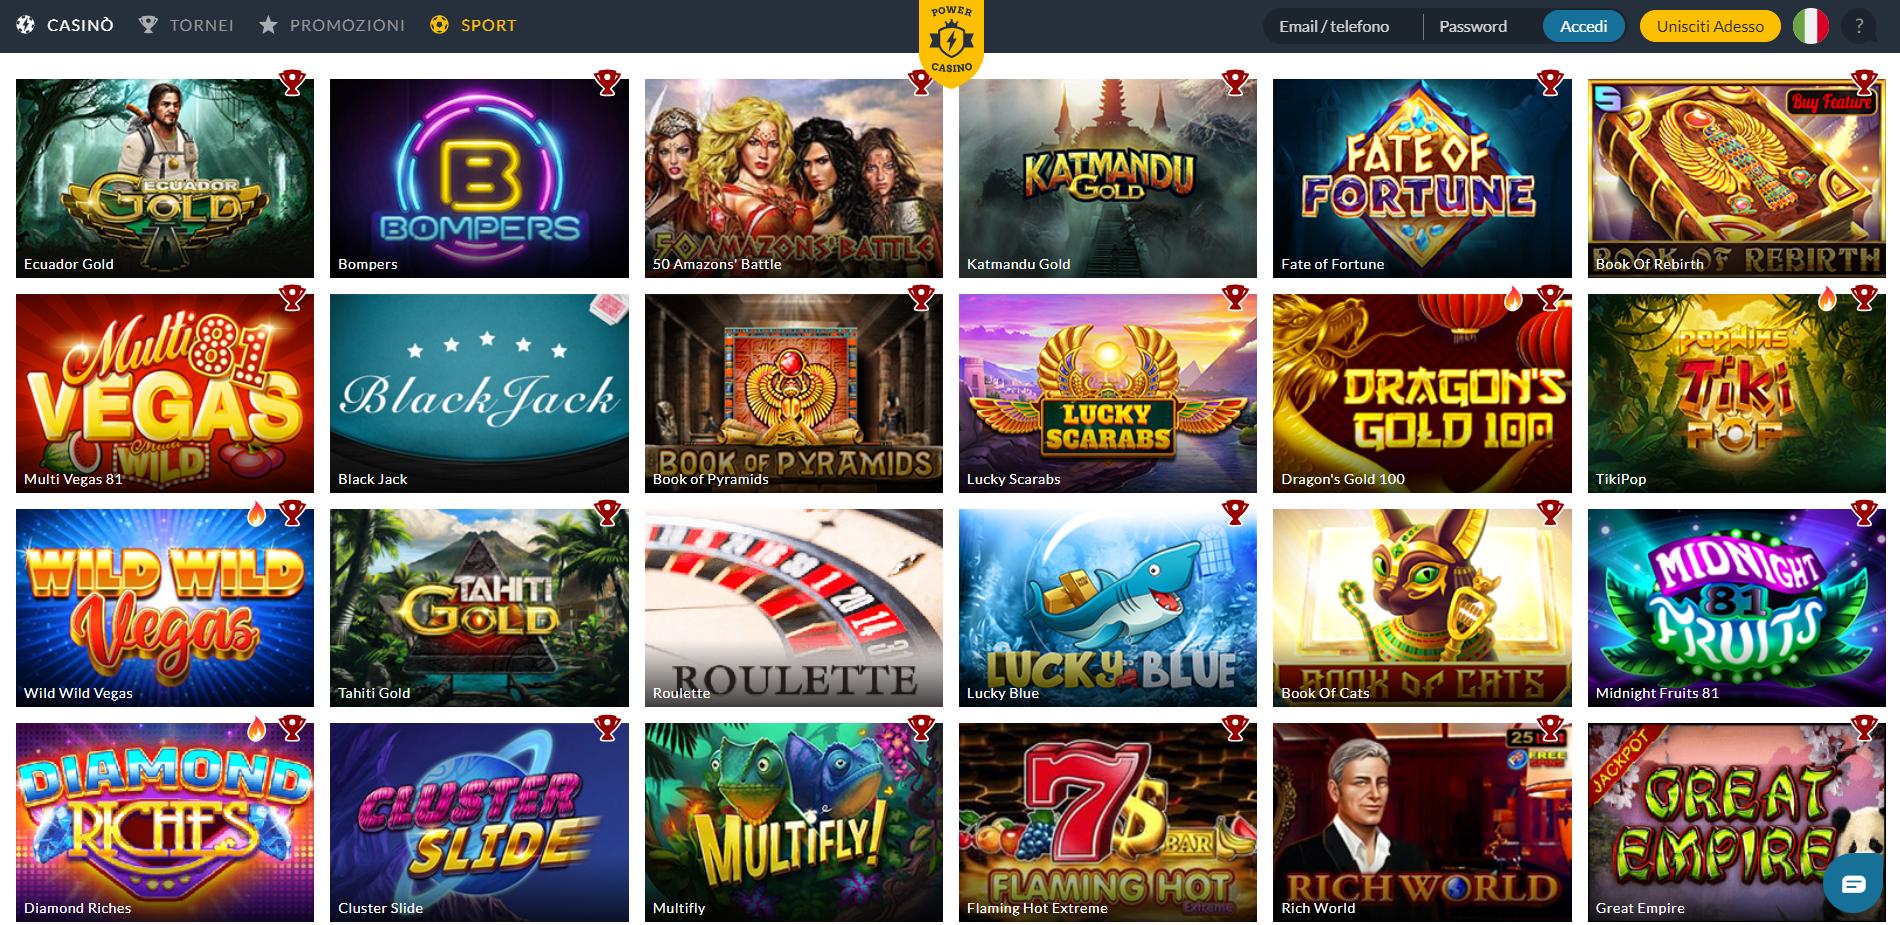 Giochi di Power Casino